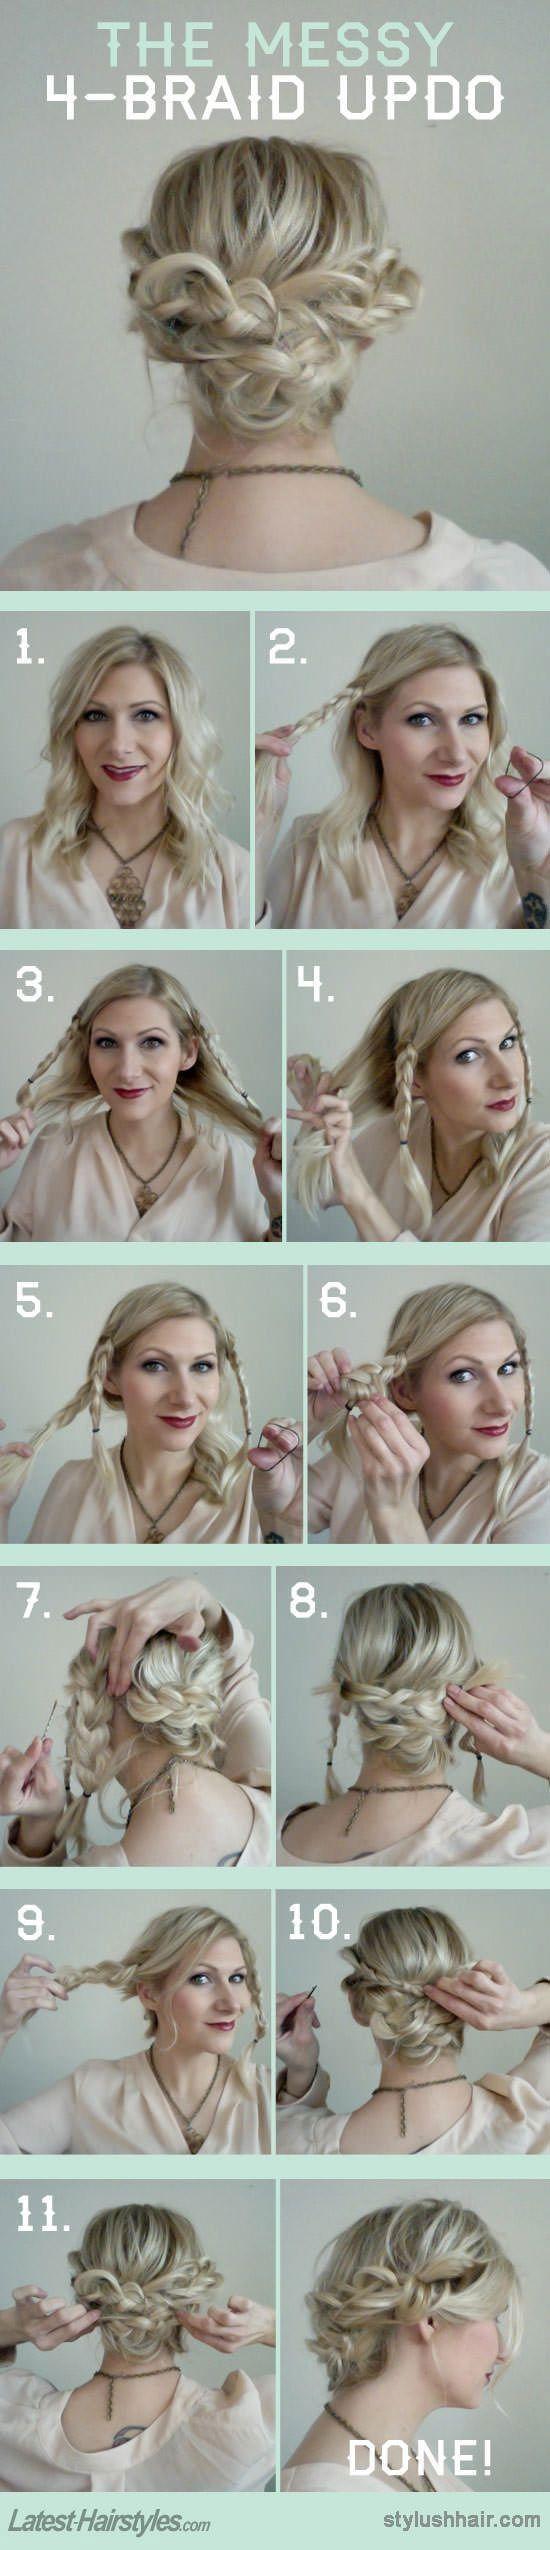 Coole Haare Ideen Für Mittlere Länge Haar